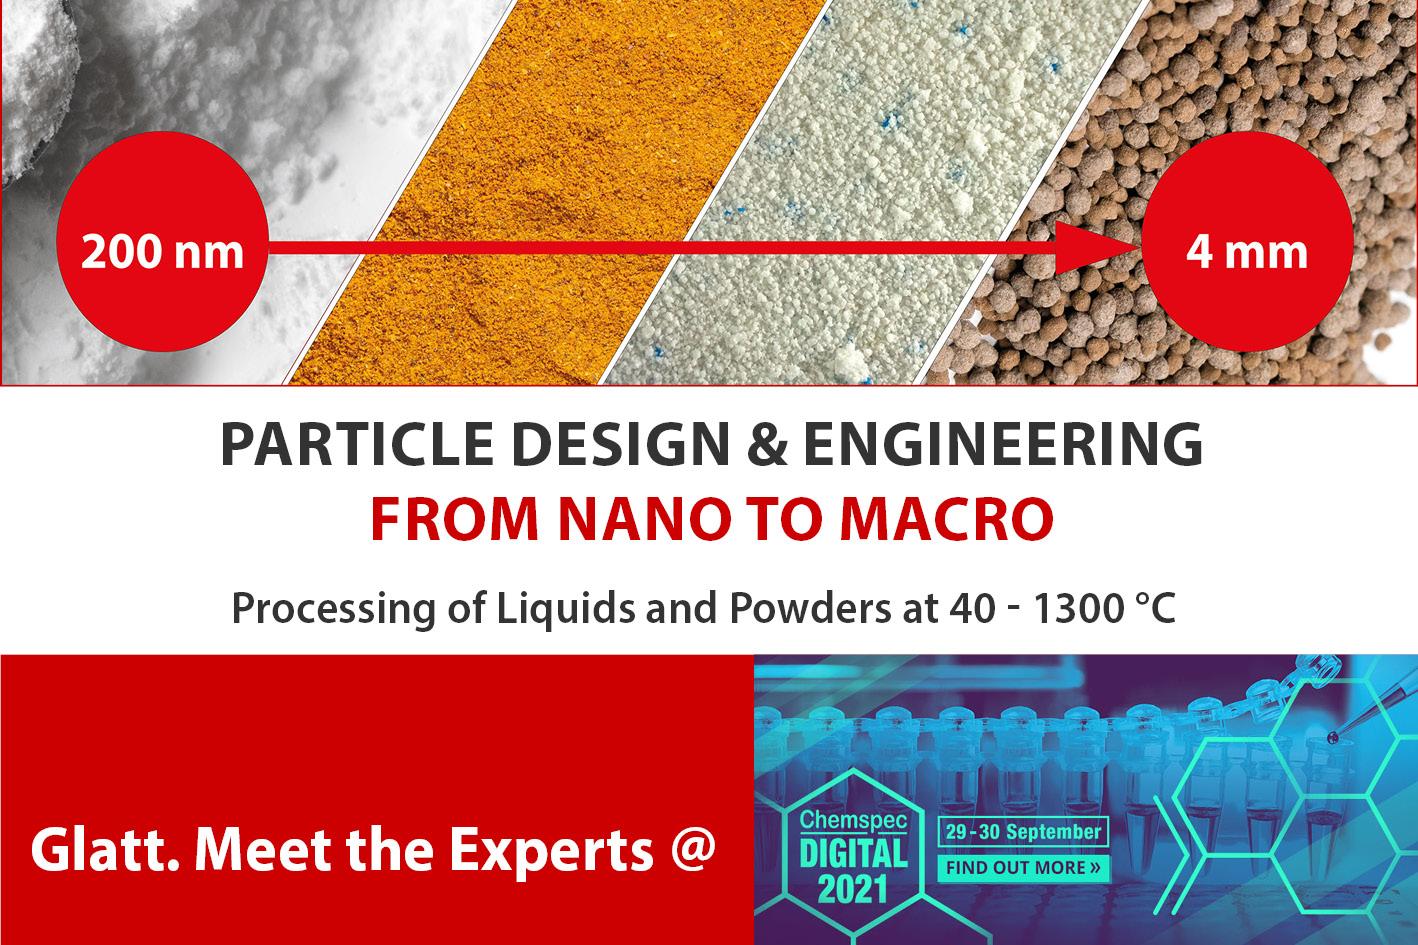 Meet the Glatt experts at Chemspec DIGITAL 2021 on September 29 - 30, 2021